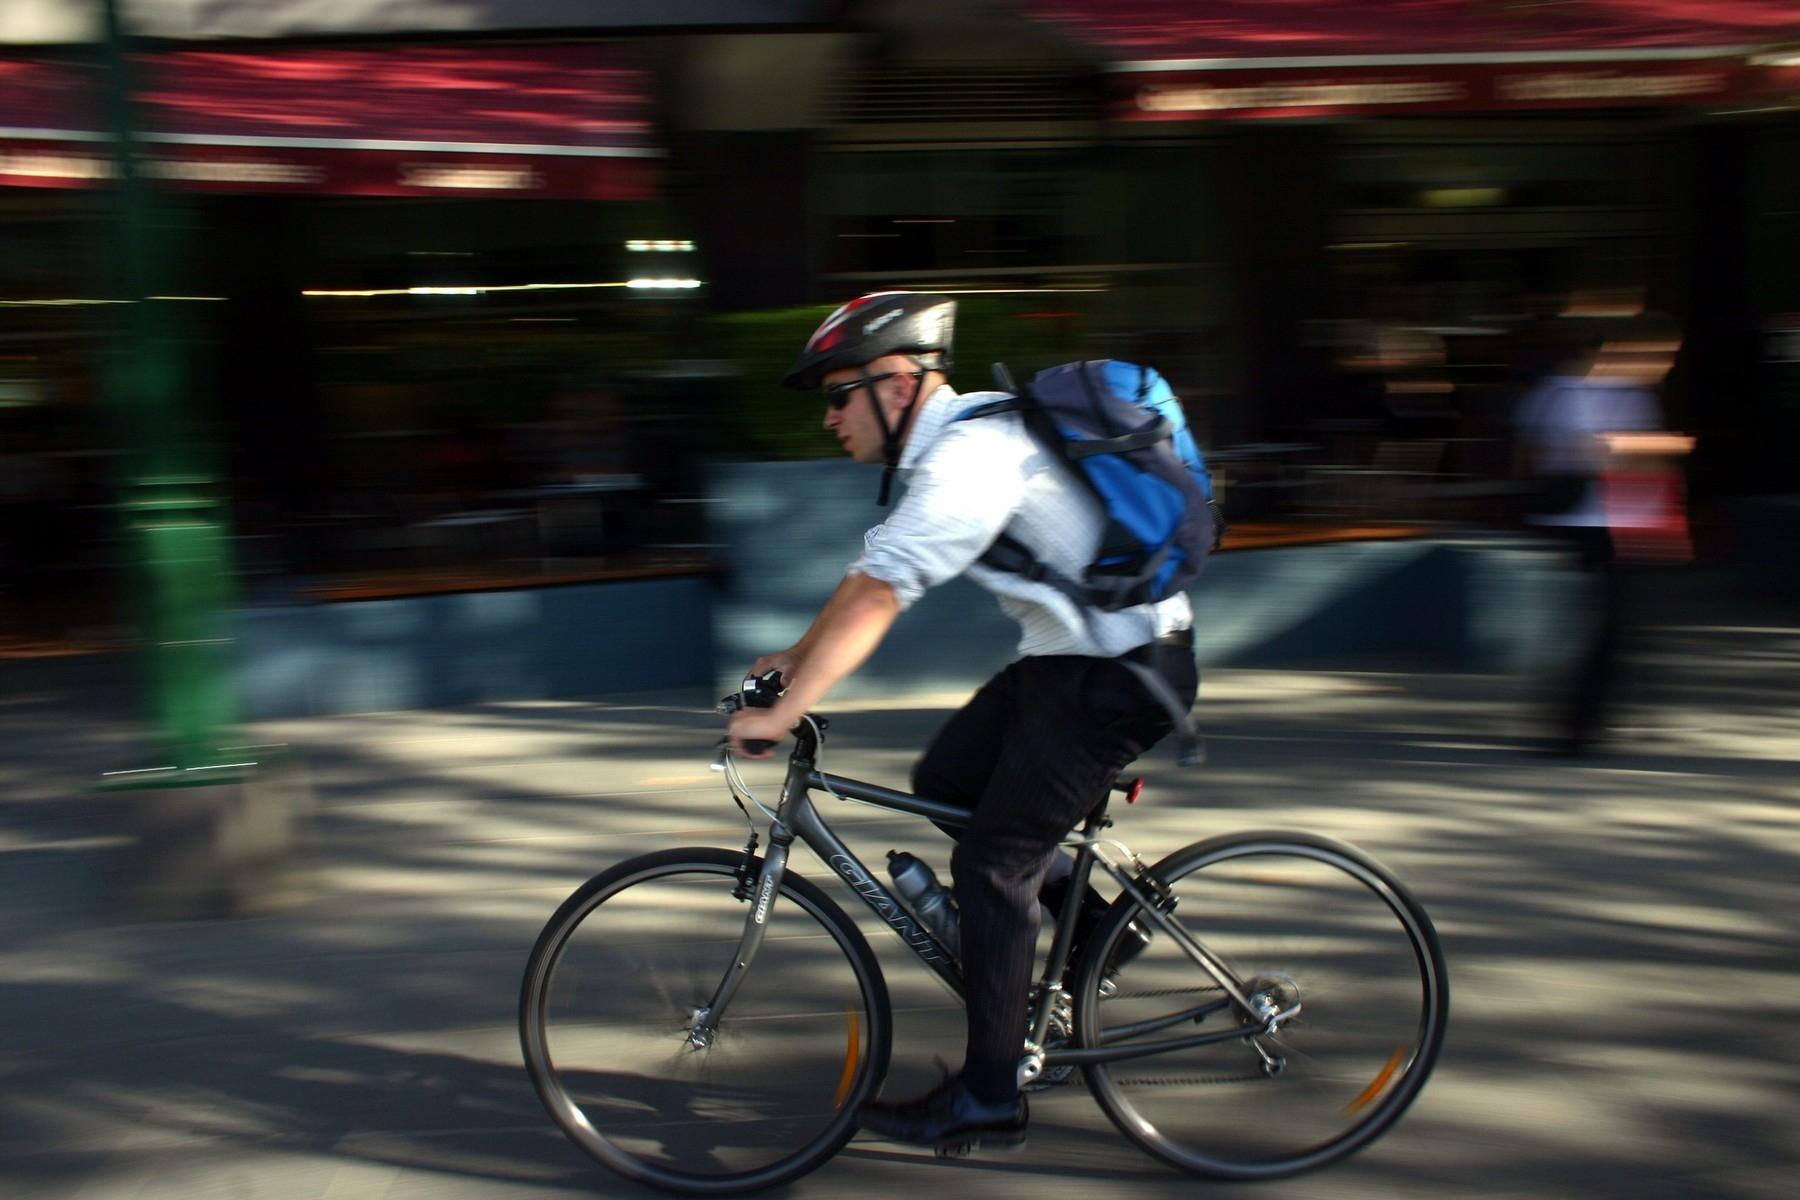 Zelená cyklistika? Vyrazit do práce na kole je pro klima rozhodně přívětivější než volit cestu autem. Foto: profimedia